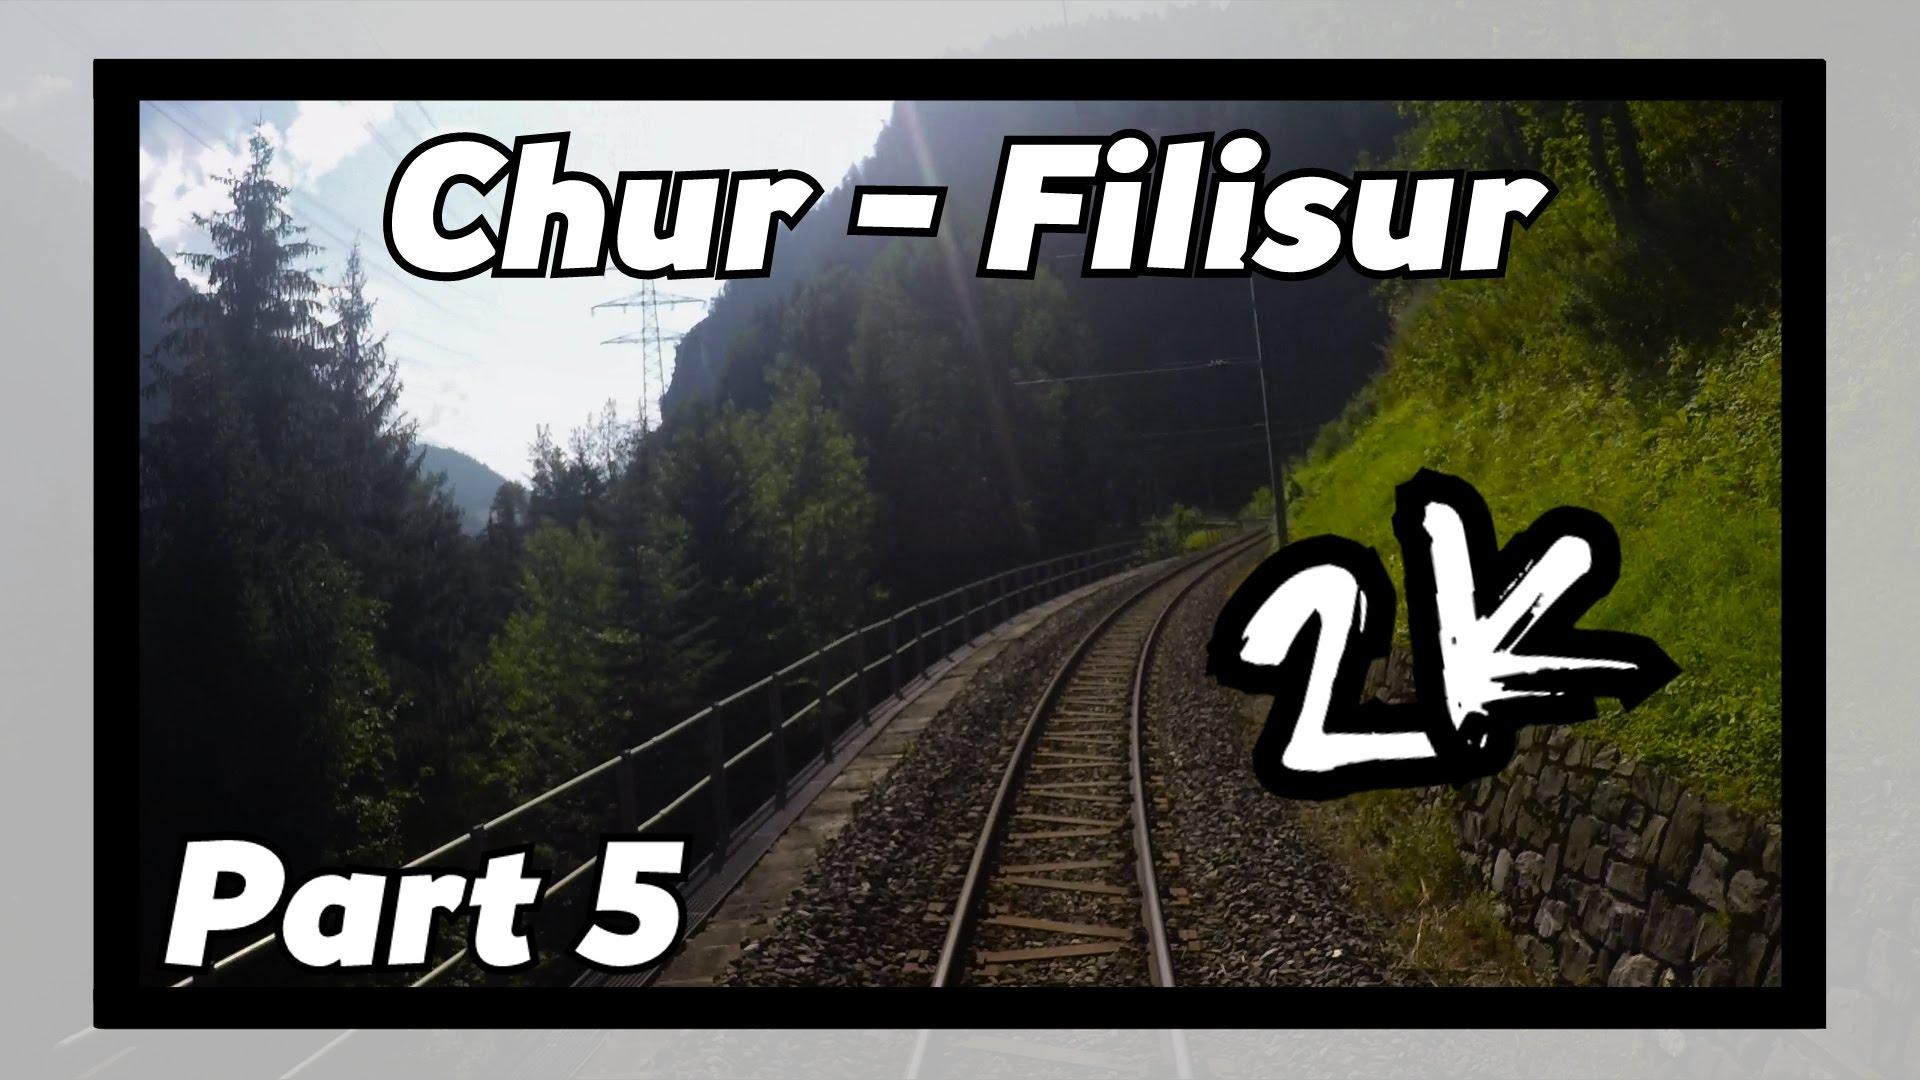 Cab ride RhB Chur – Filisur 5/8! [ALBULABAHN]